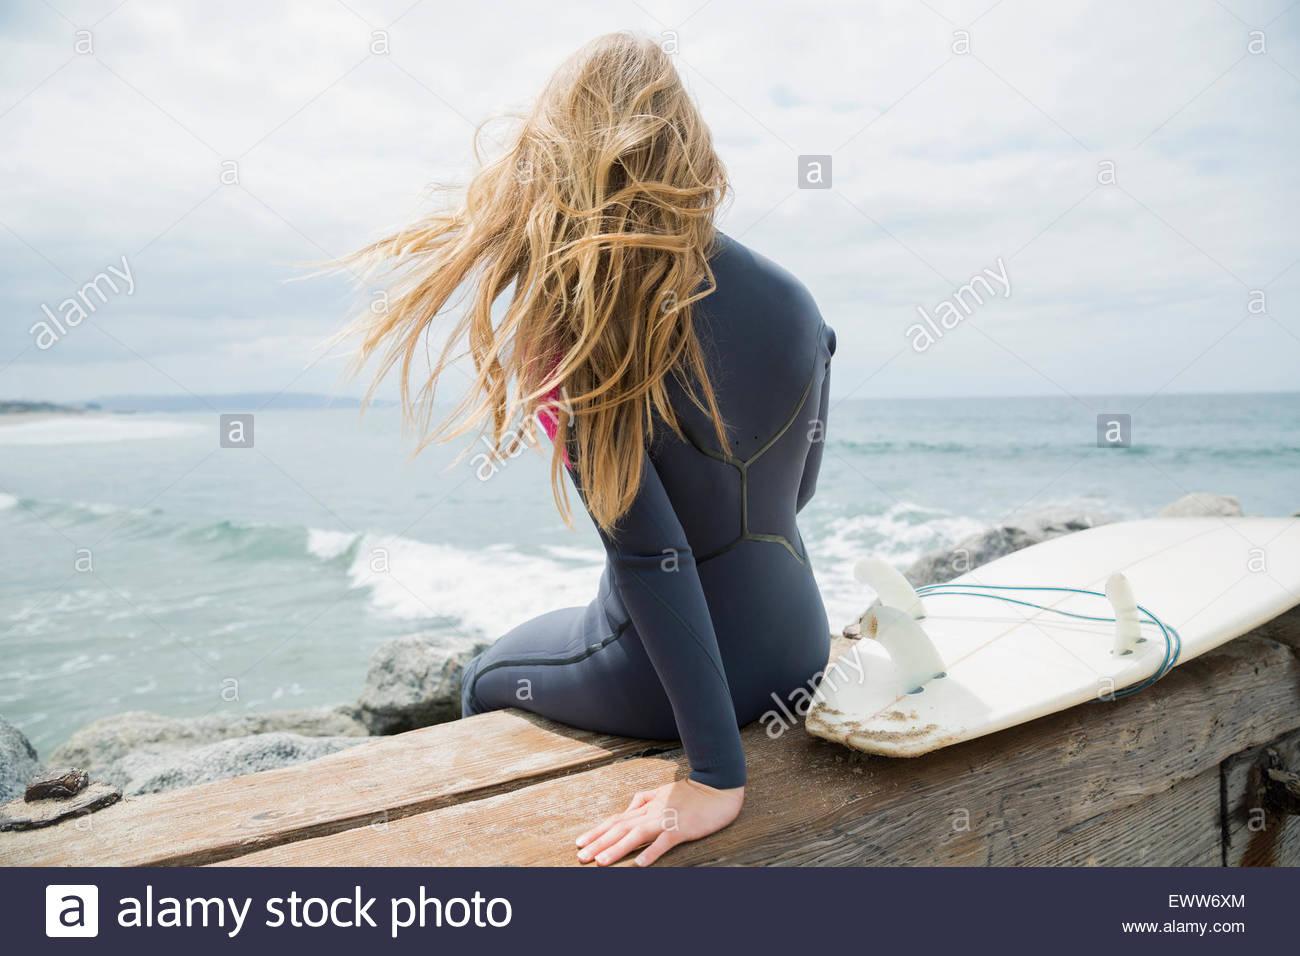 Mujer rubia surfista sentado con embarcadero Océano Surf Imagen De Stock